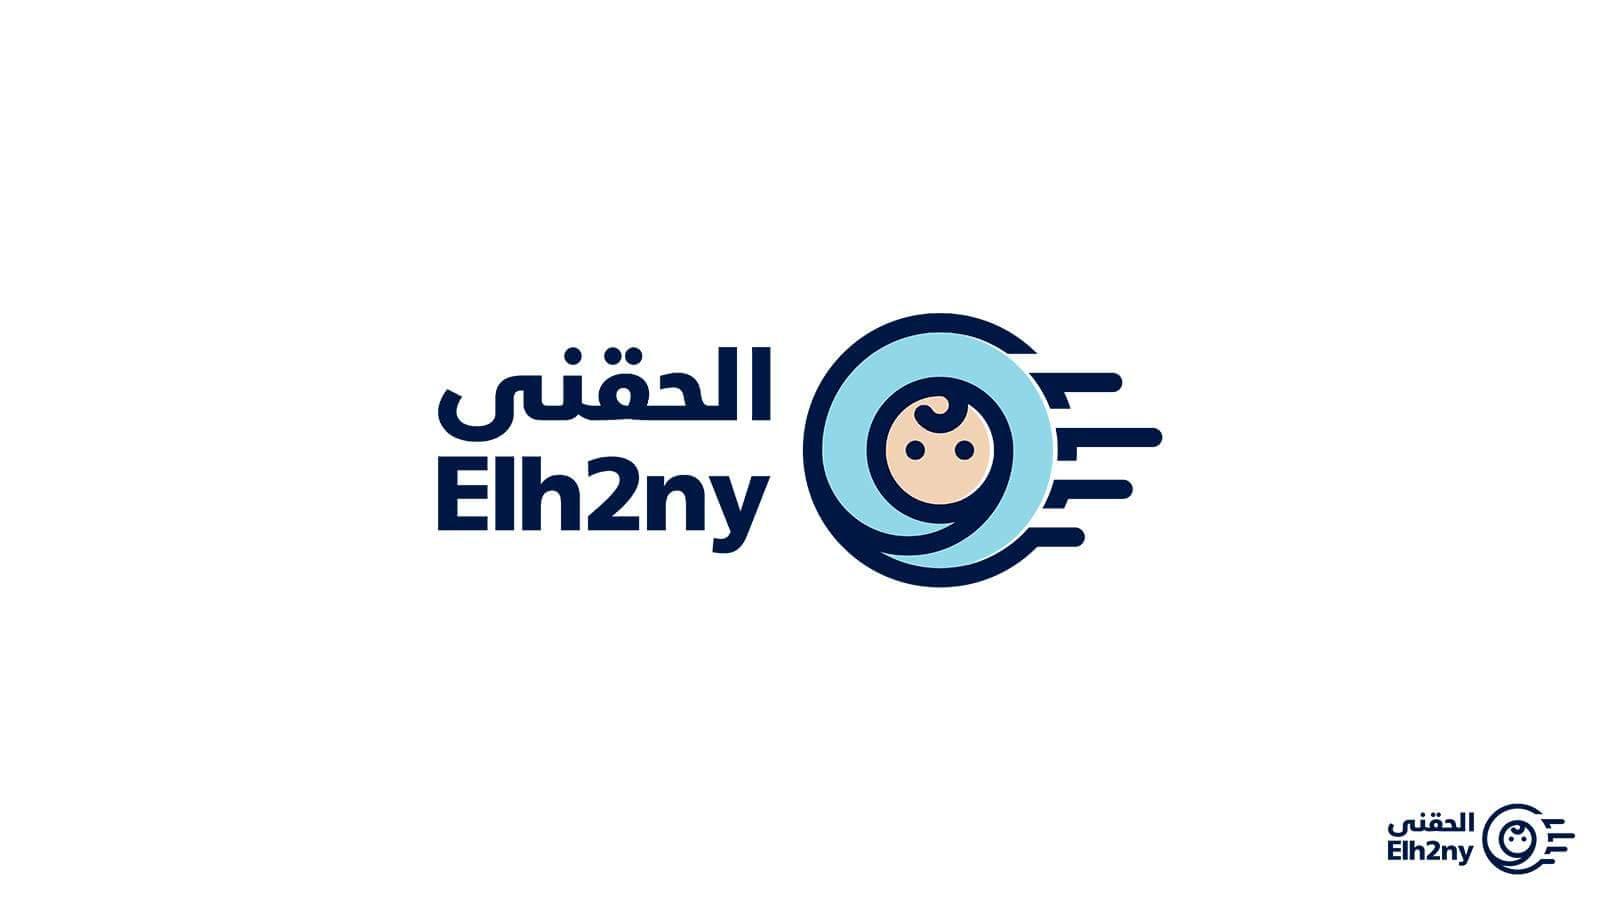 Elha2ny